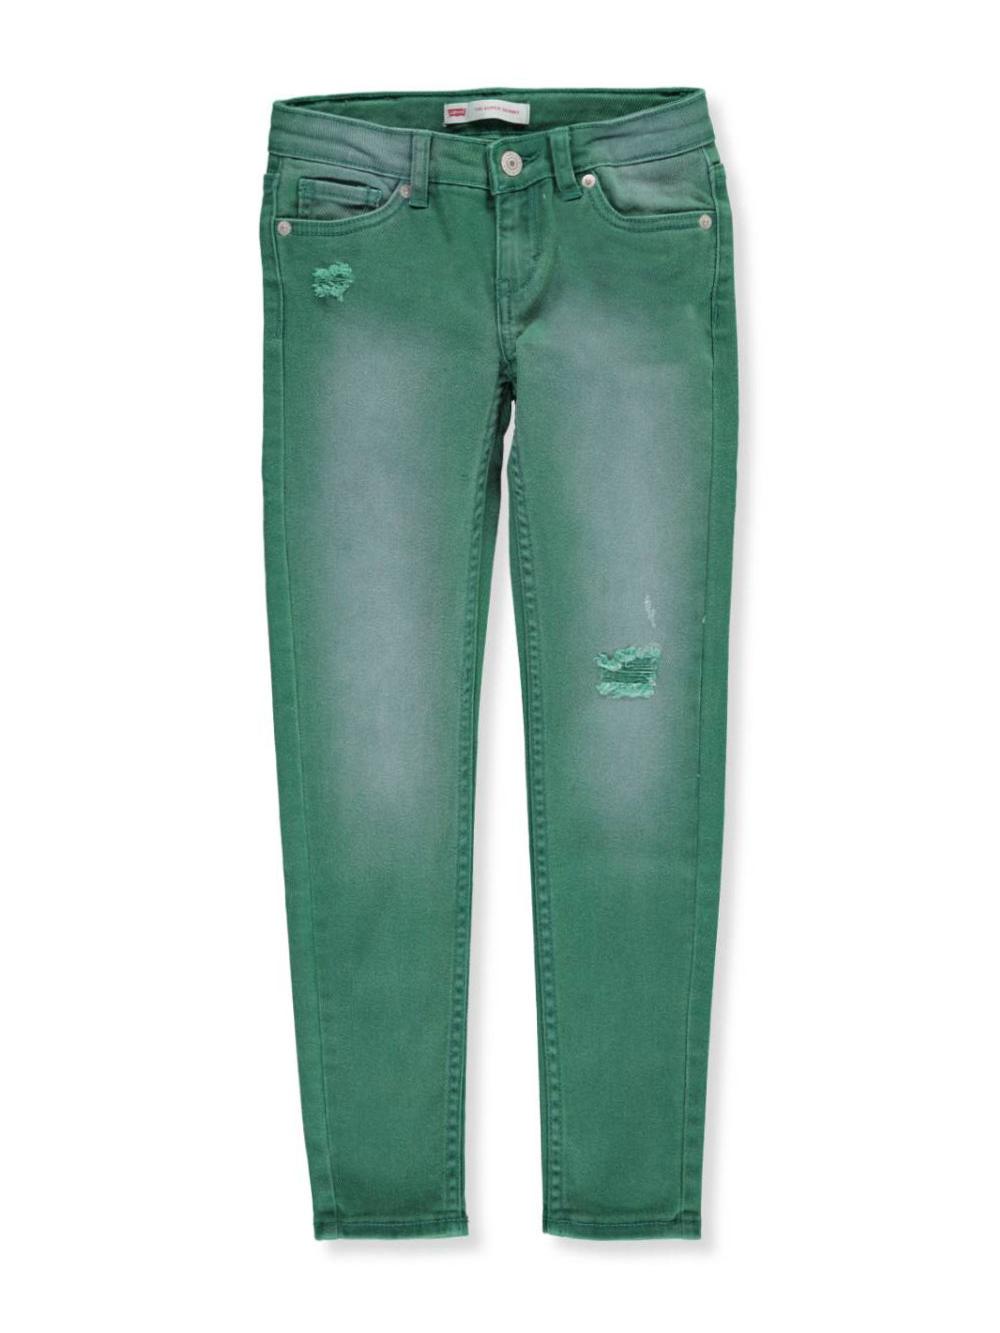 da9e5e2b729 Levi s Big Girls  710 Super Skinny Jeans (Sizes 7 – 16)